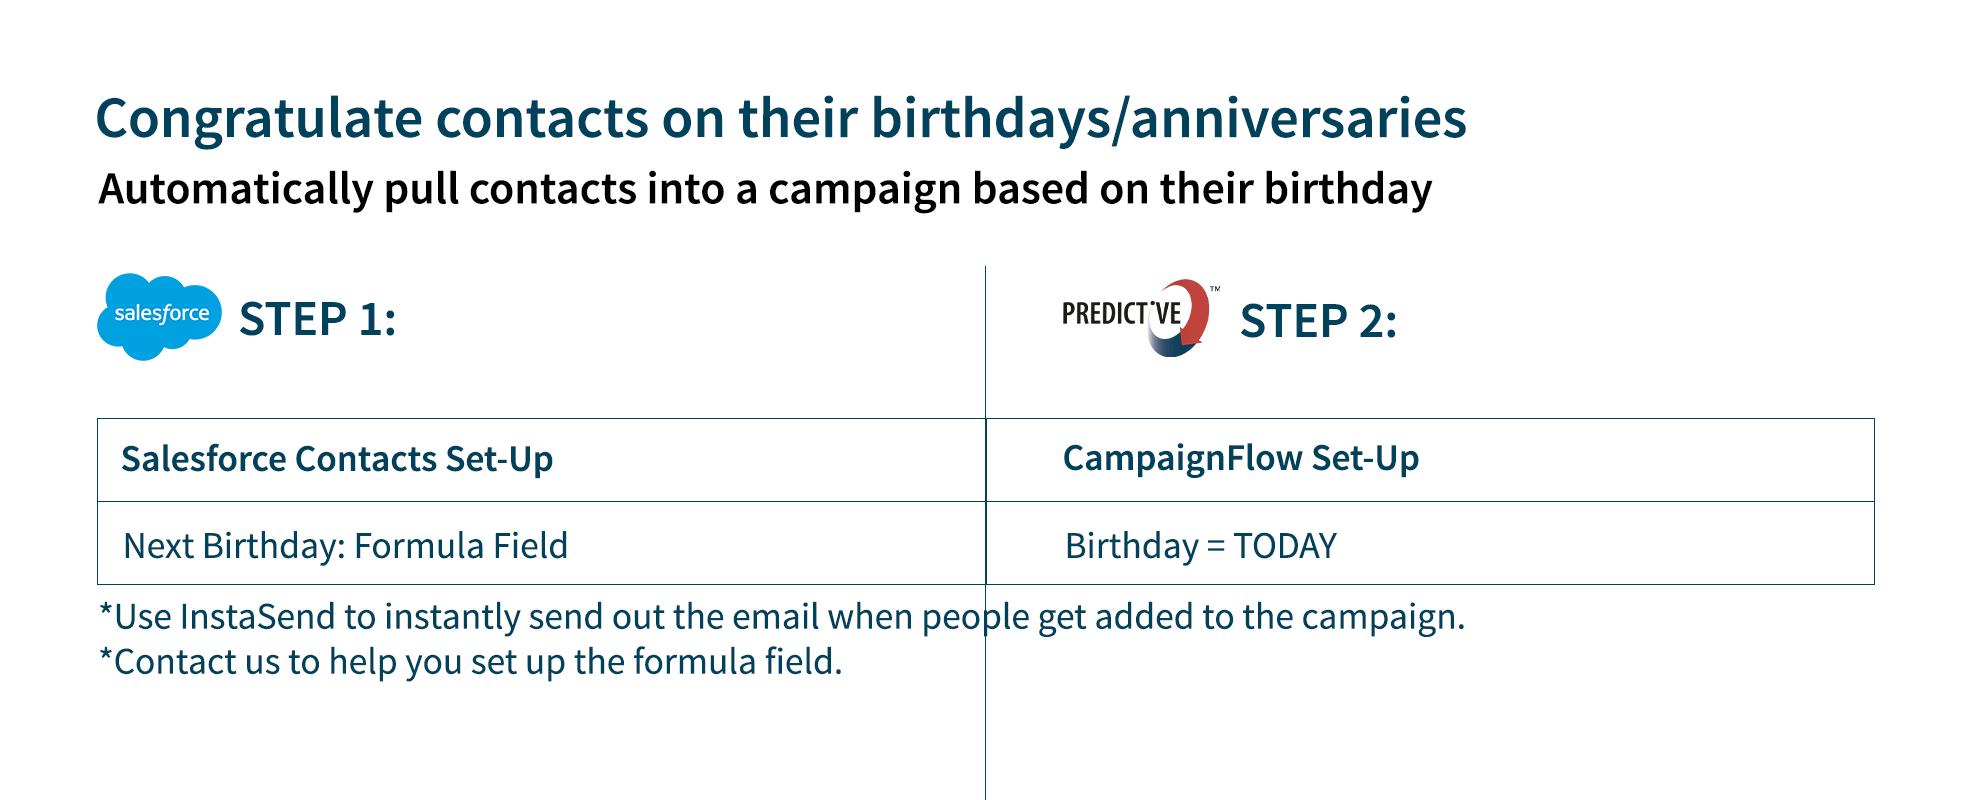 email segmentation based on birthday